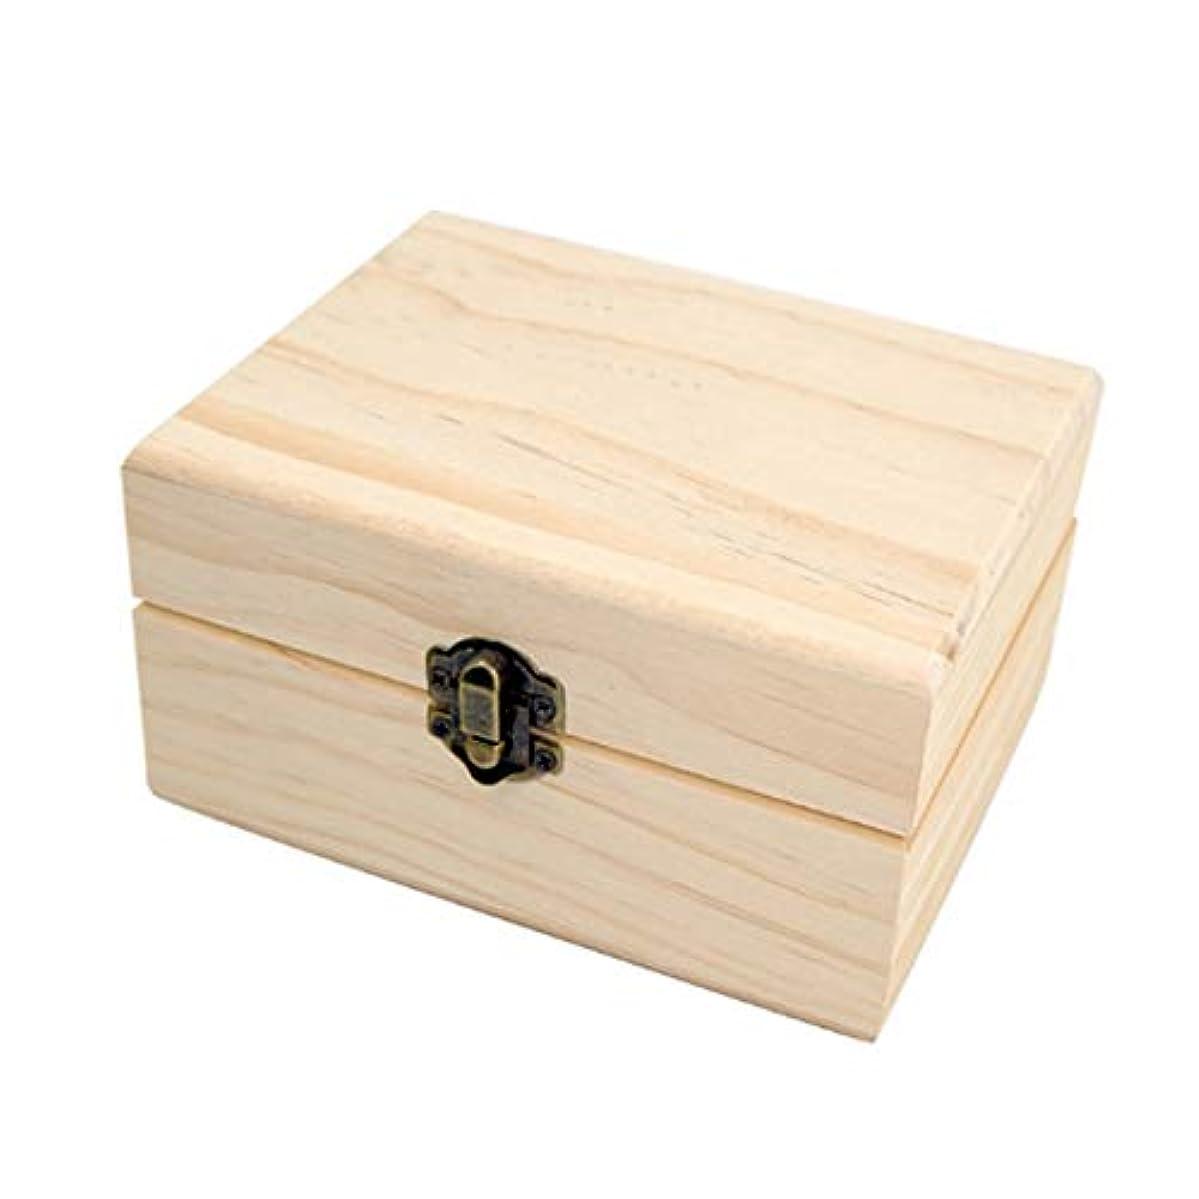 看板推進、動かすインタビューフェリモア エッセンシャルオイル 収納ボックス ボトル用 松 木製 格子状 倒れにくい 12マス (ブラウン)